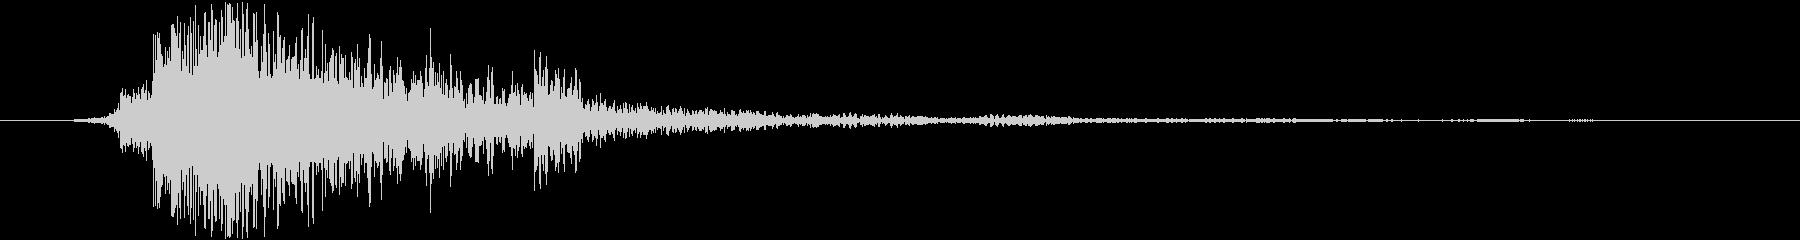 メカニカル レバーメタルラージダウン01の未再生の波形